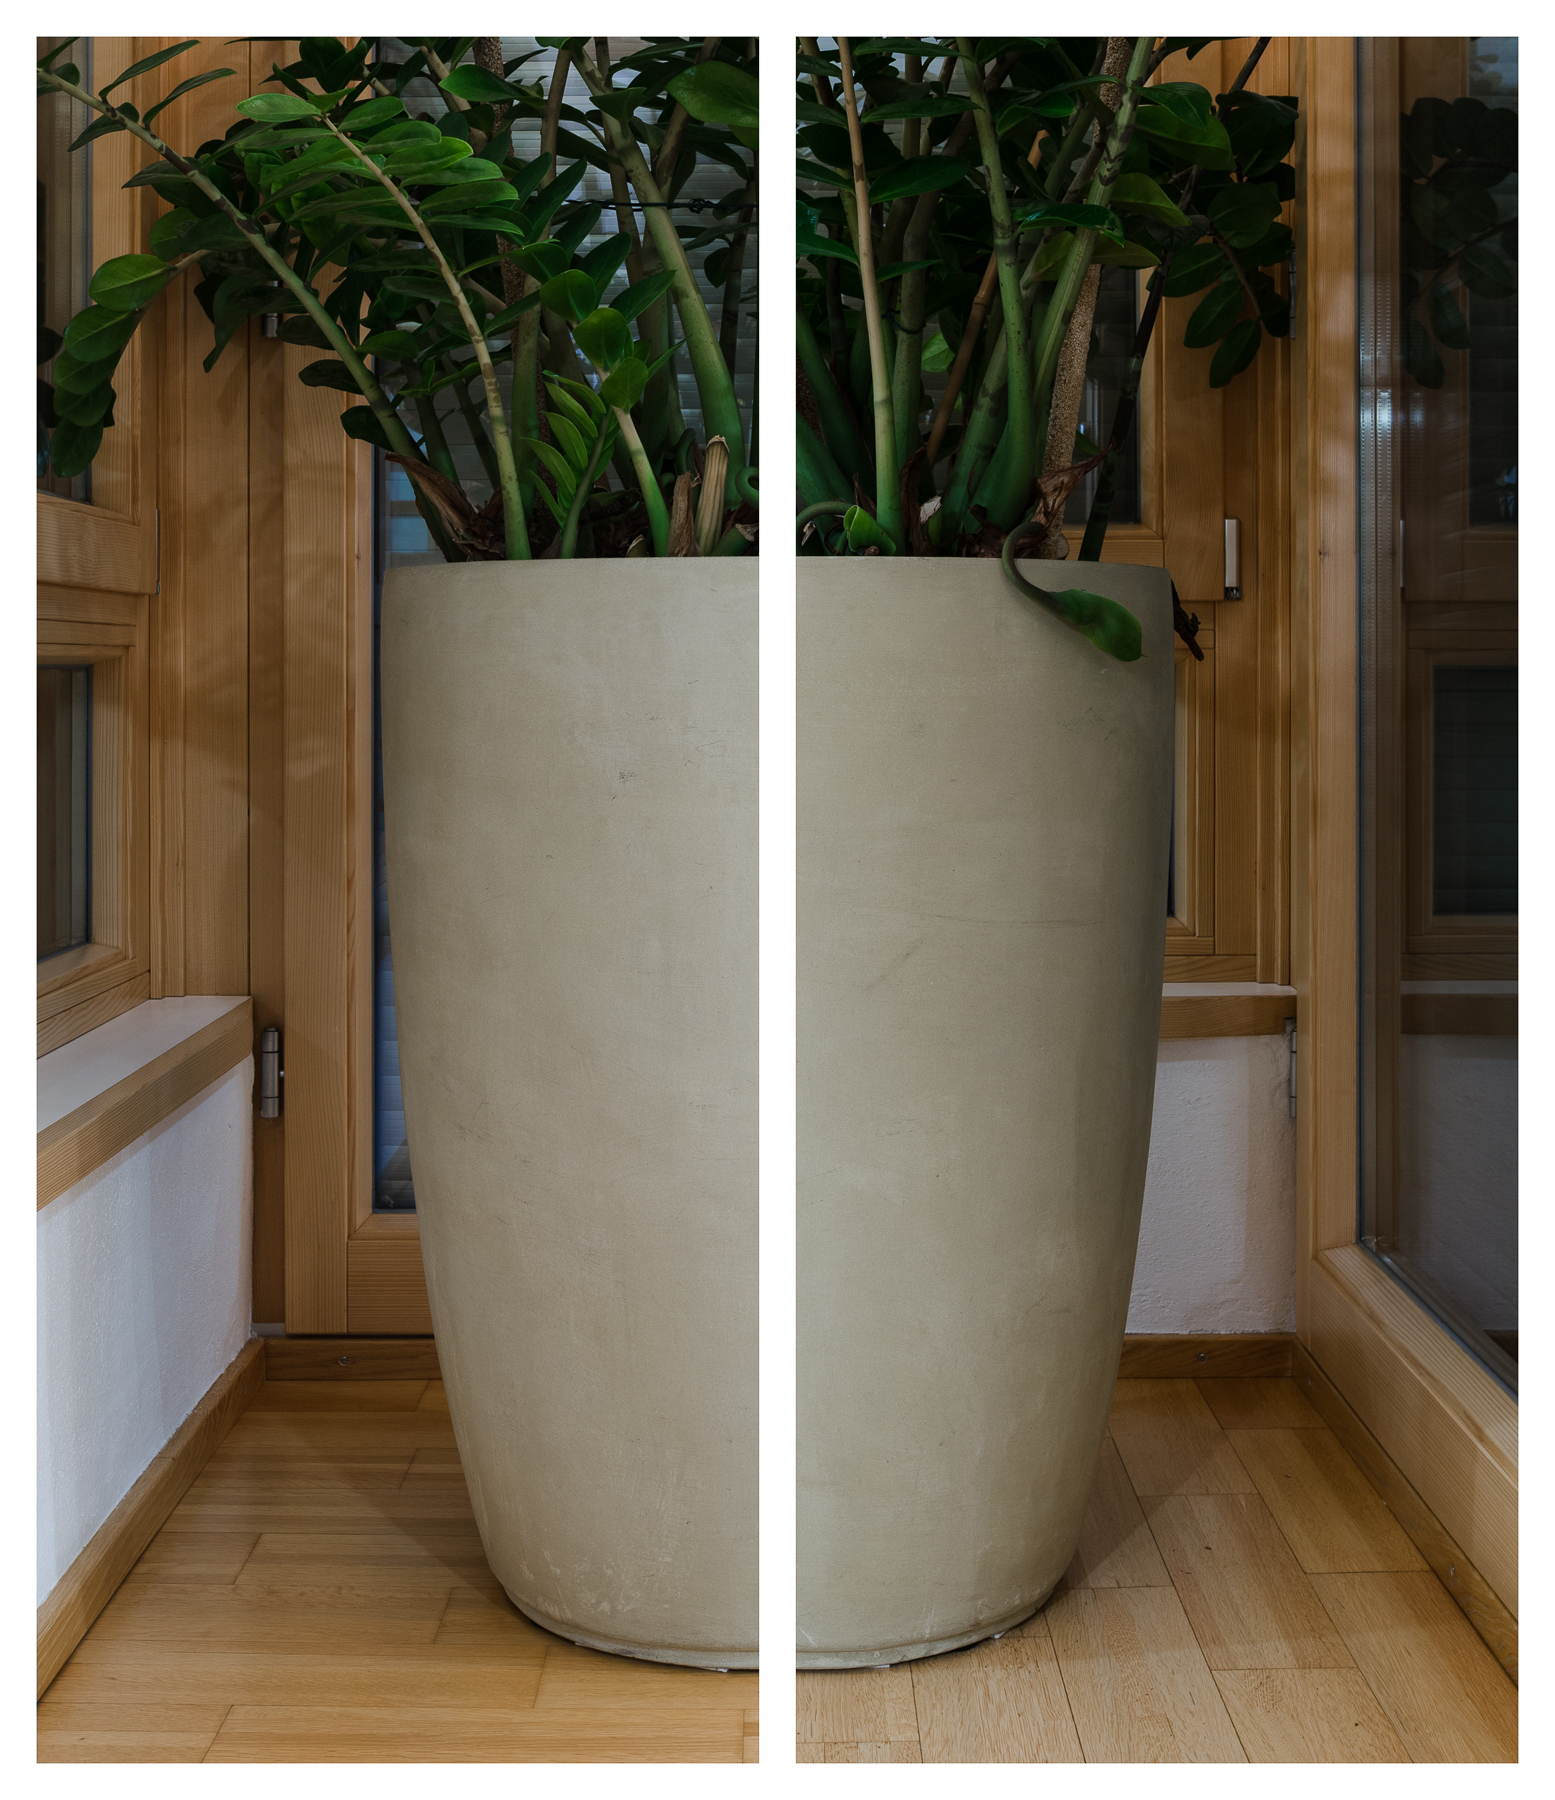 Zimmerpflanze, 2017 Inkjet-Pigmentdruck 2-teilig zu je 125,5 × 52,5 cm